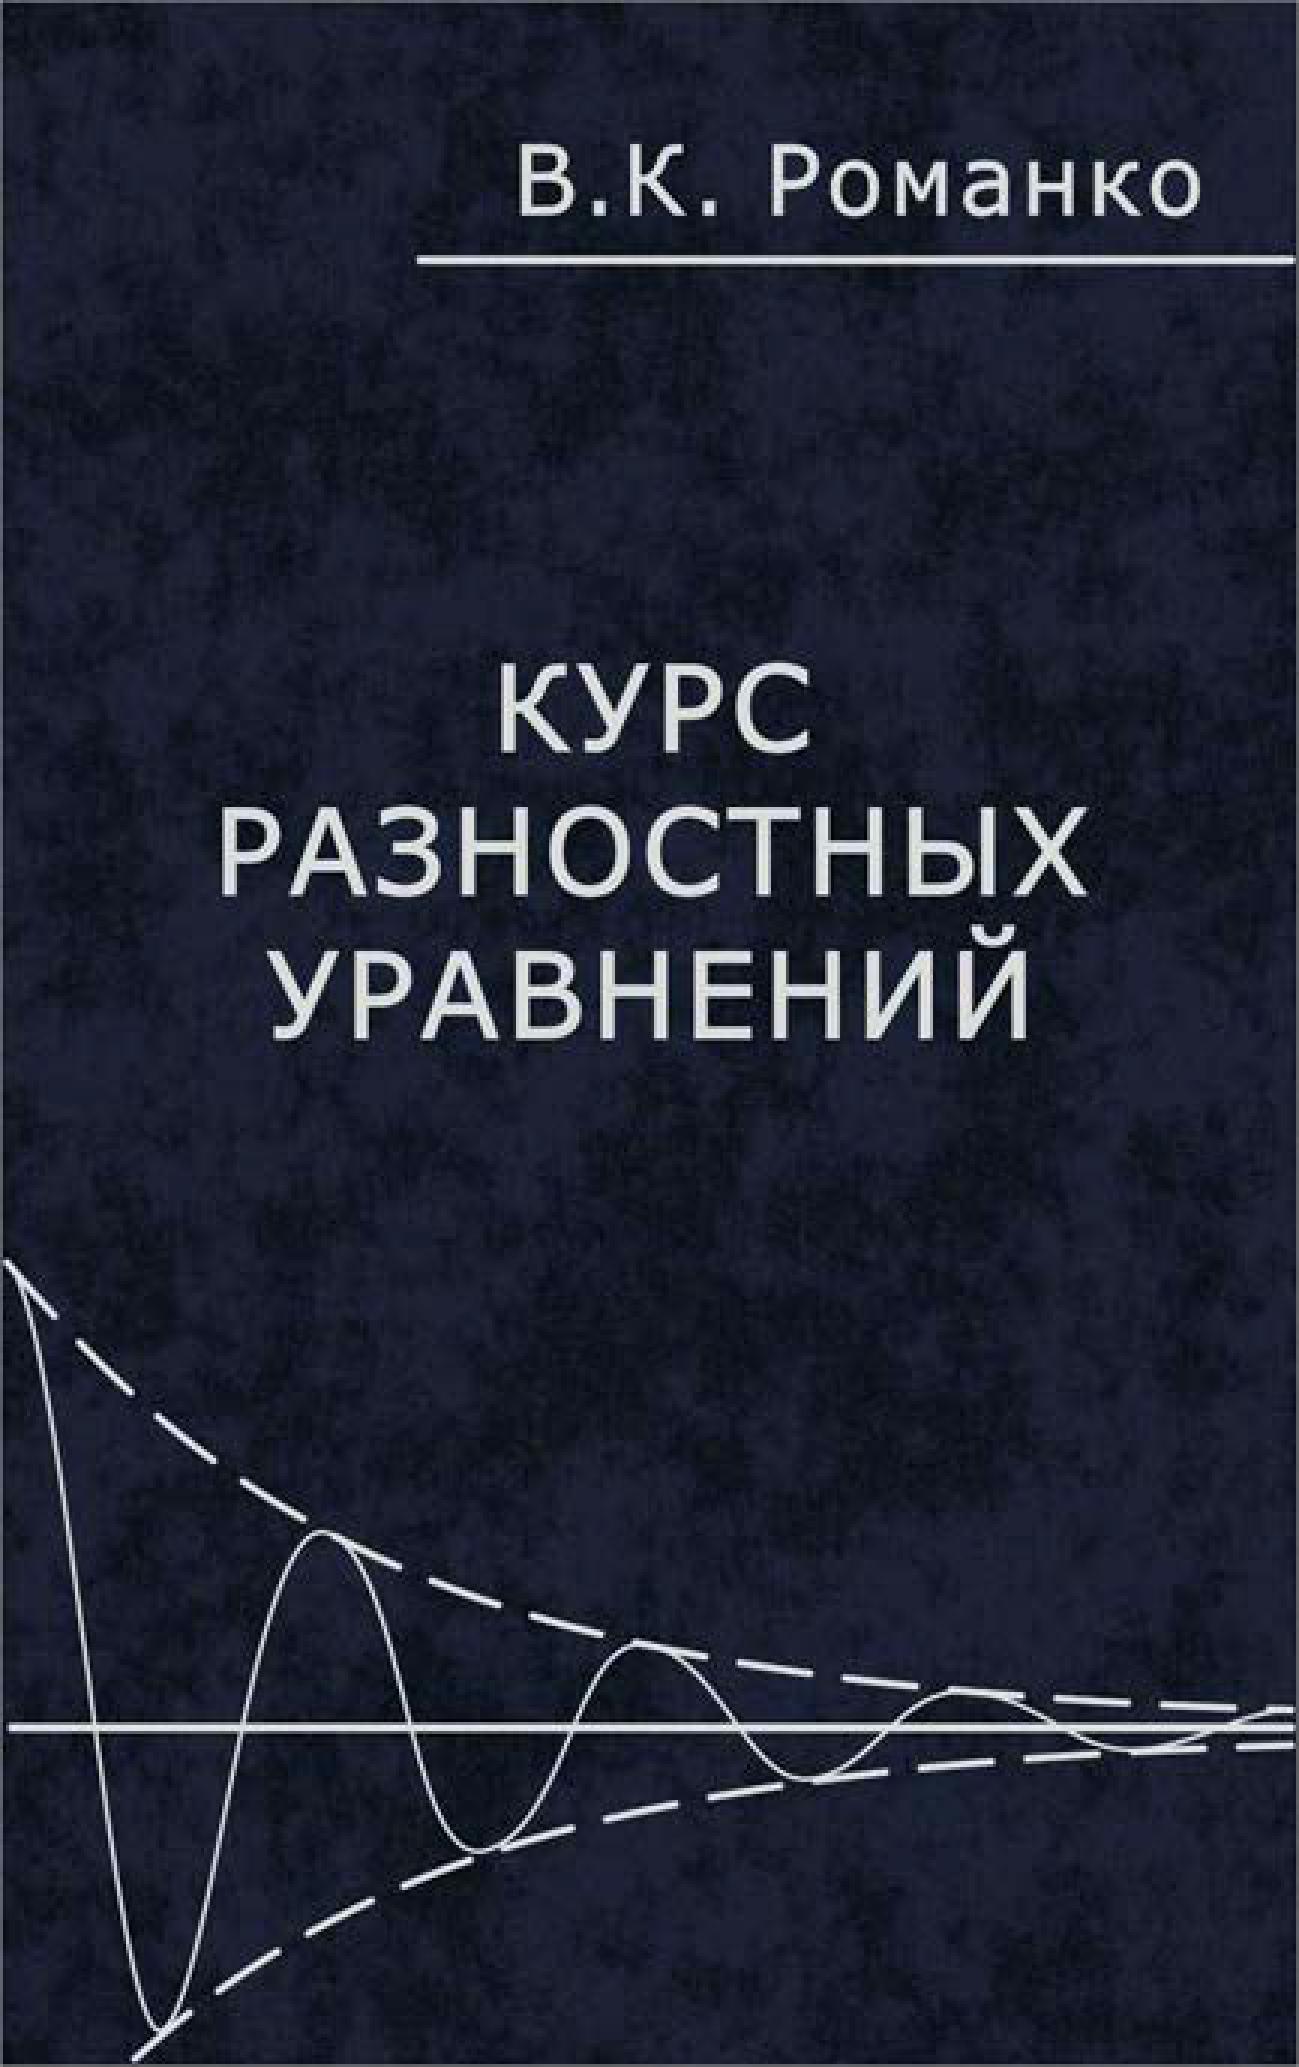 В. К. Романко Курс разностных уравнений романко в курс разностных уравнений